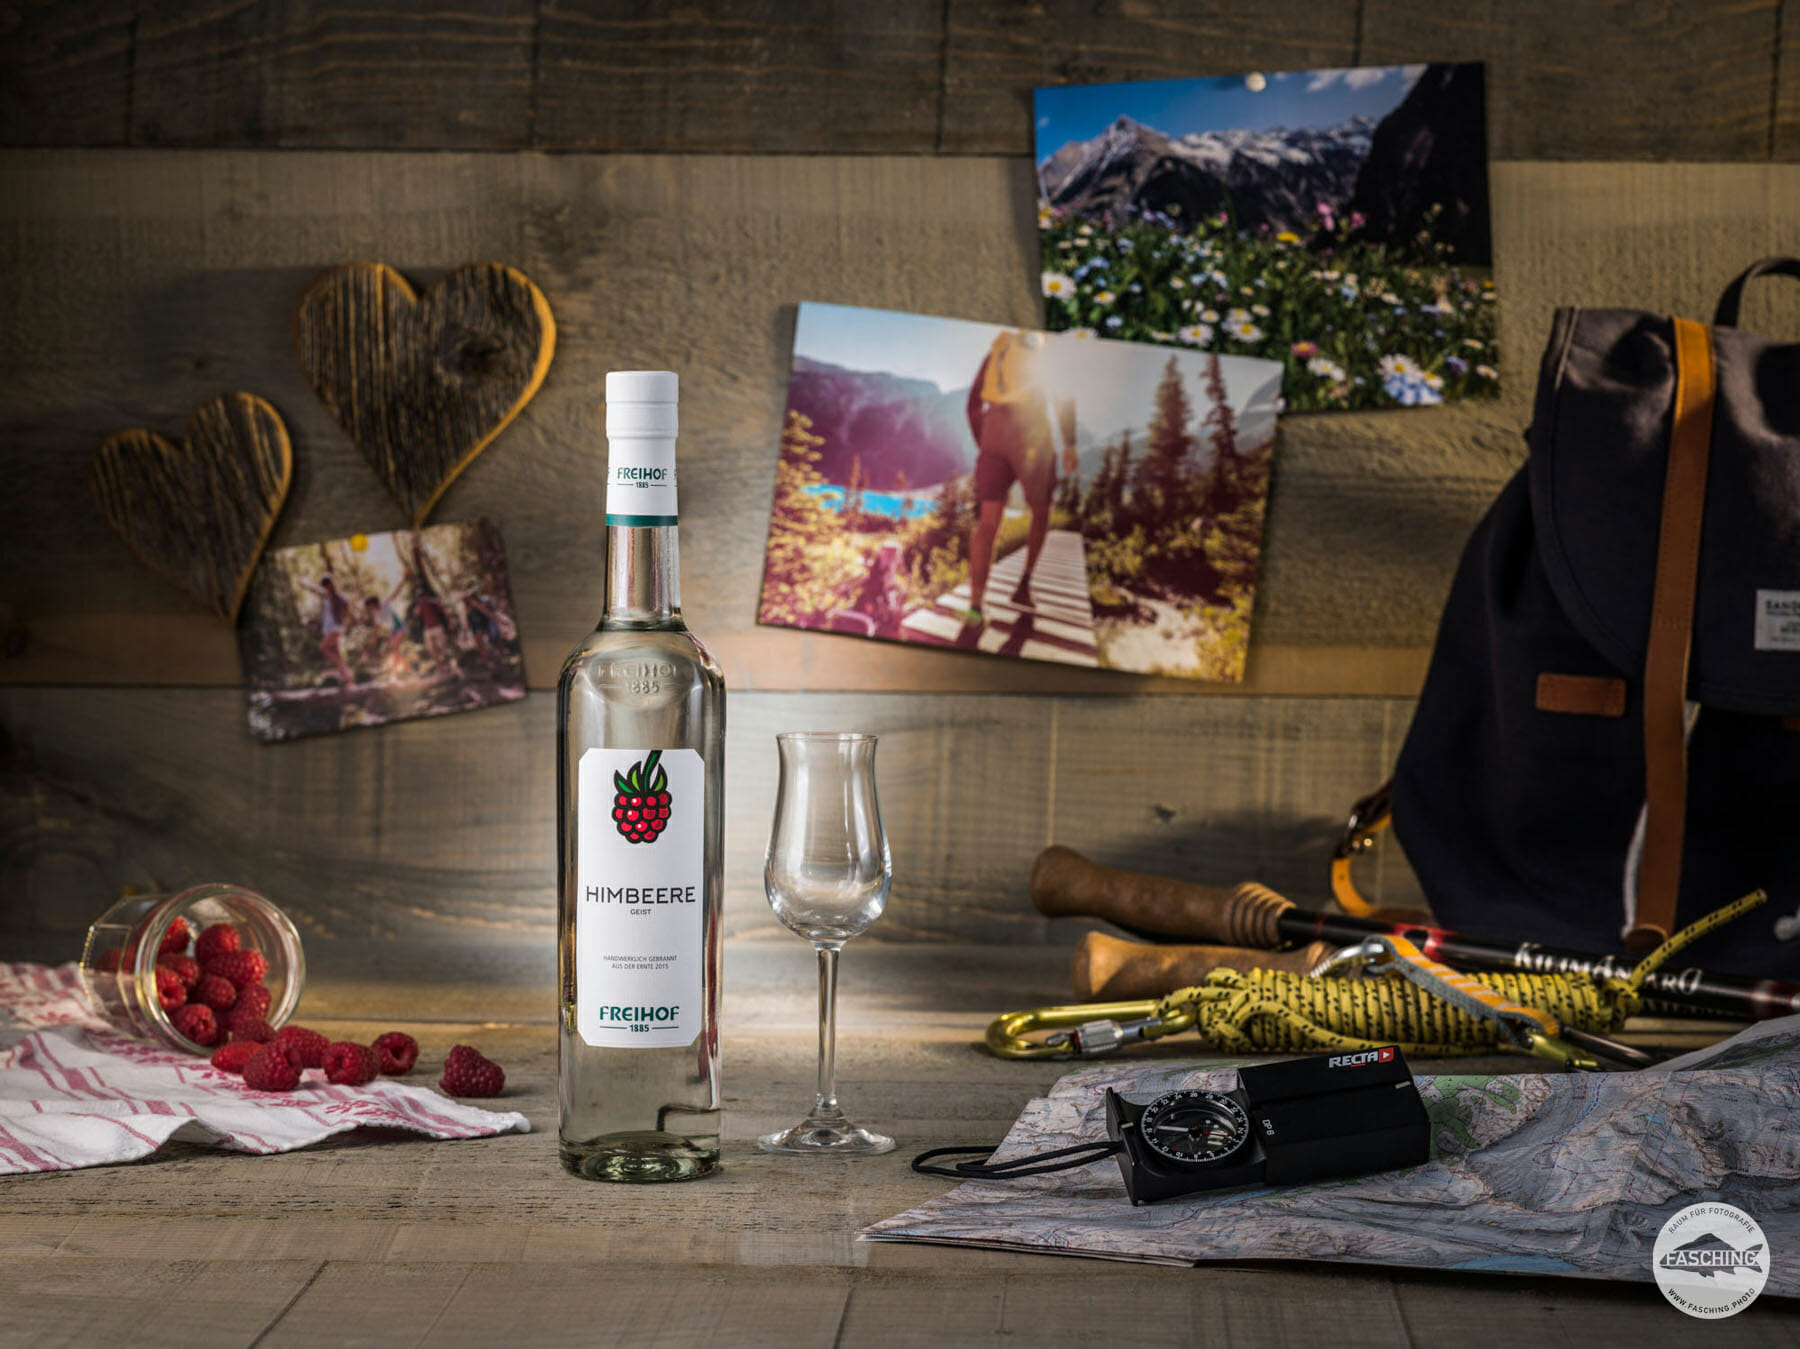 Diese Freihof Produktaufnahmen wurden von dem Fotograf Reinhard Fasching fotografiert